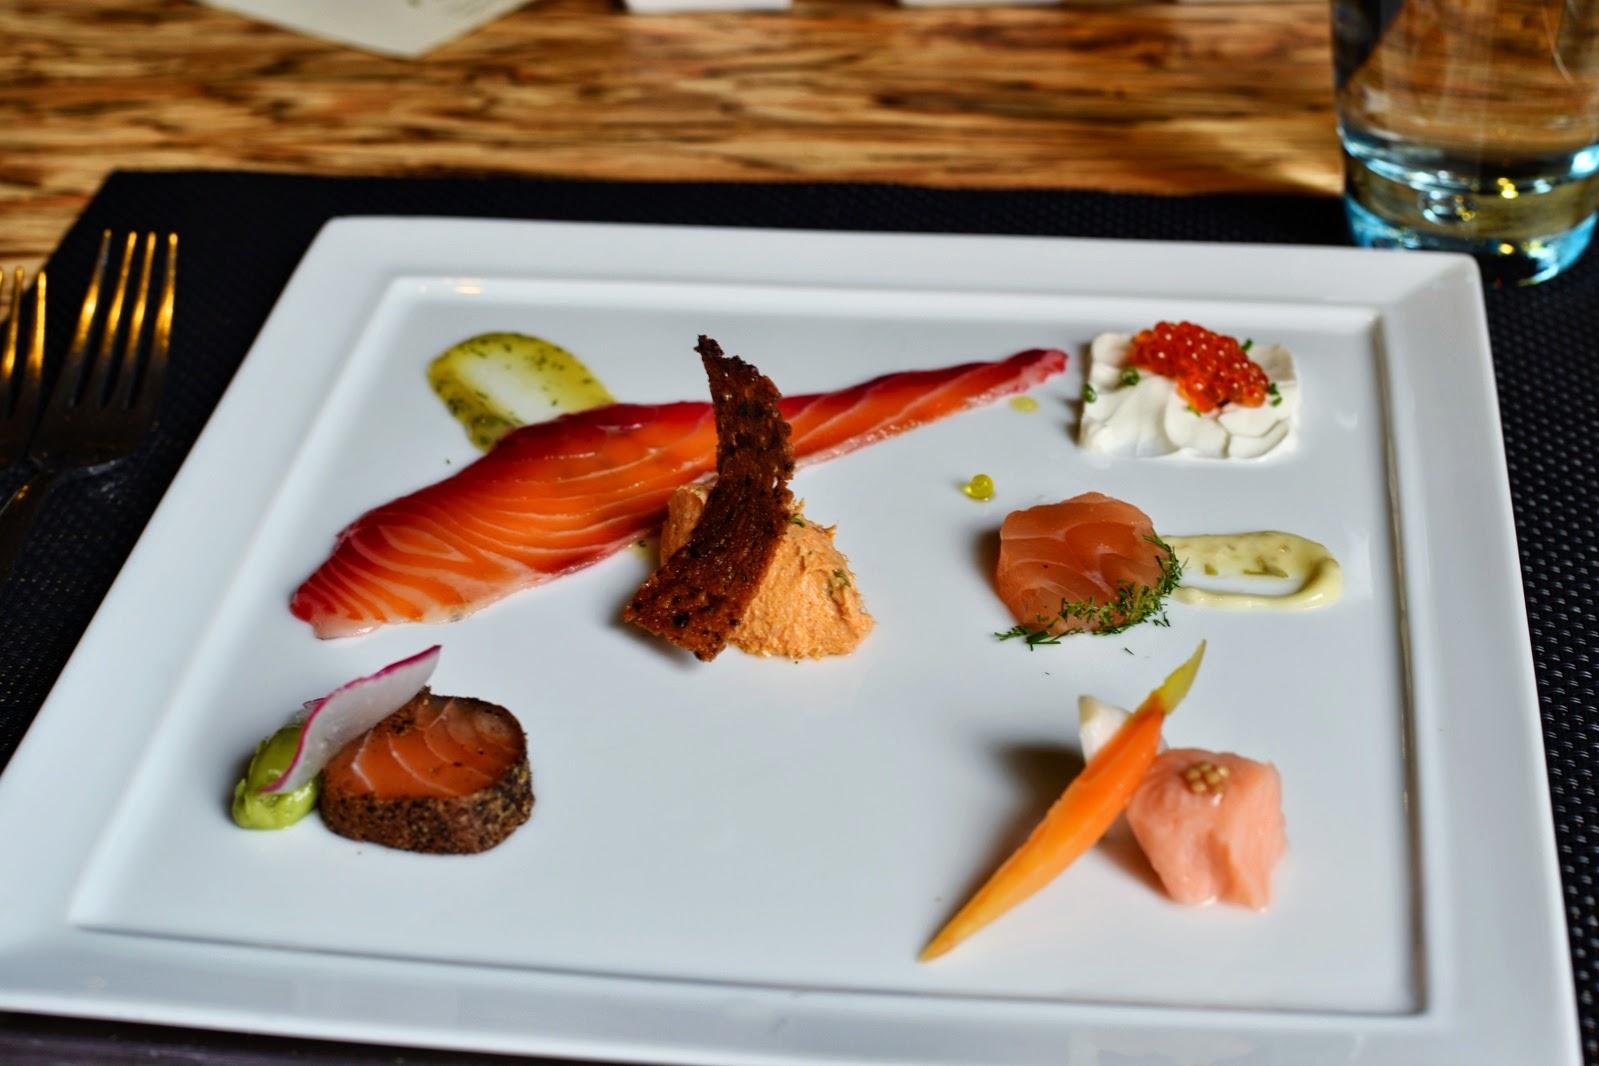 A short one on finds restaurant week menu joie de for 010 cuisine weekmenu